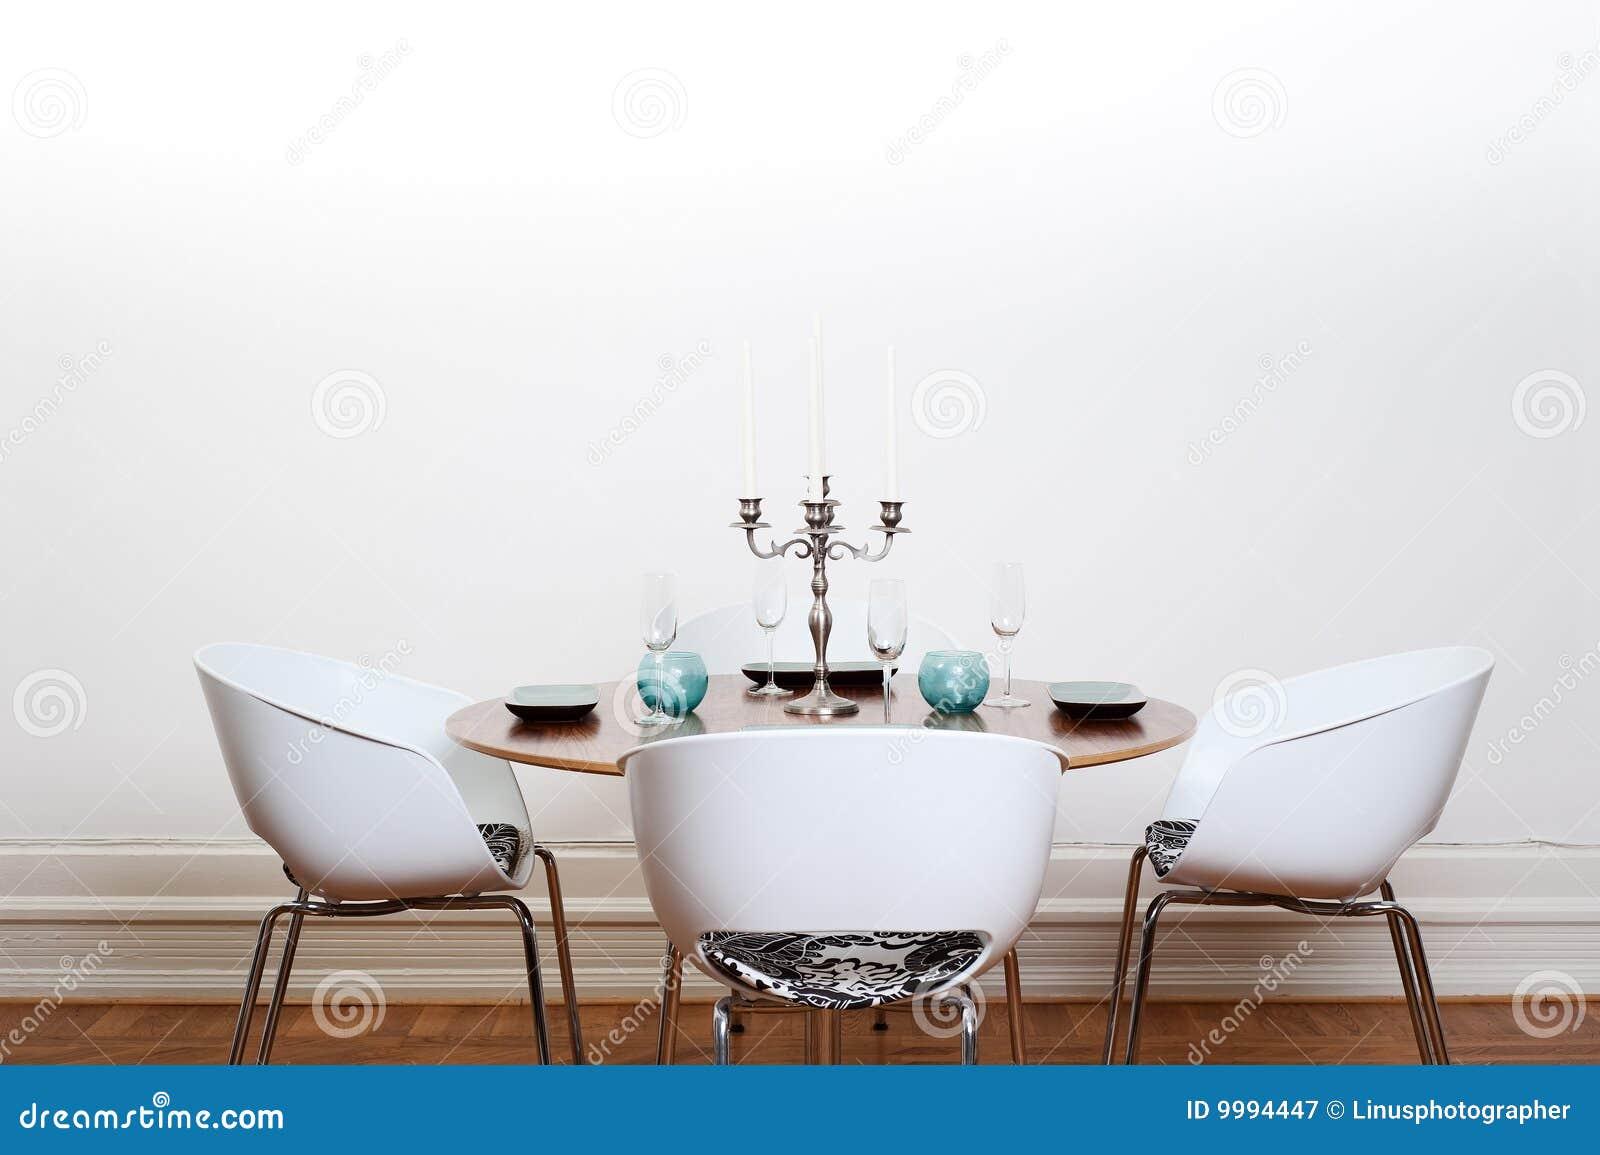 Sala de jantar moderna mesa redonda fotografia de stock - Mesas redondas modernas ...